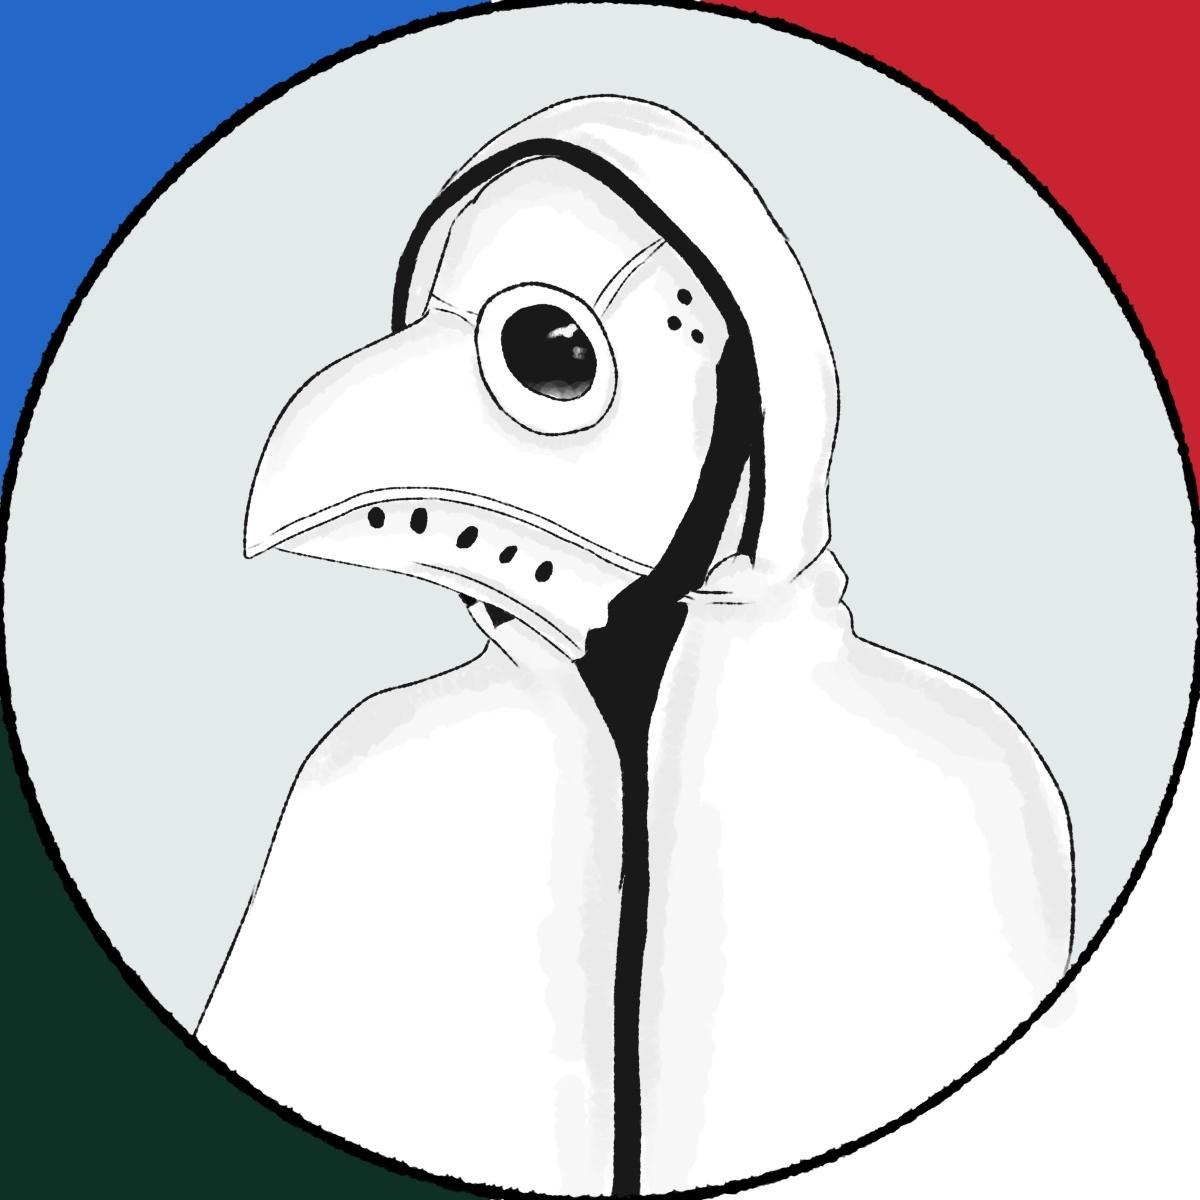 あなたのイメージでペストマスク、ガスマスク描きます 開けてからのお楽しみ5個セットです